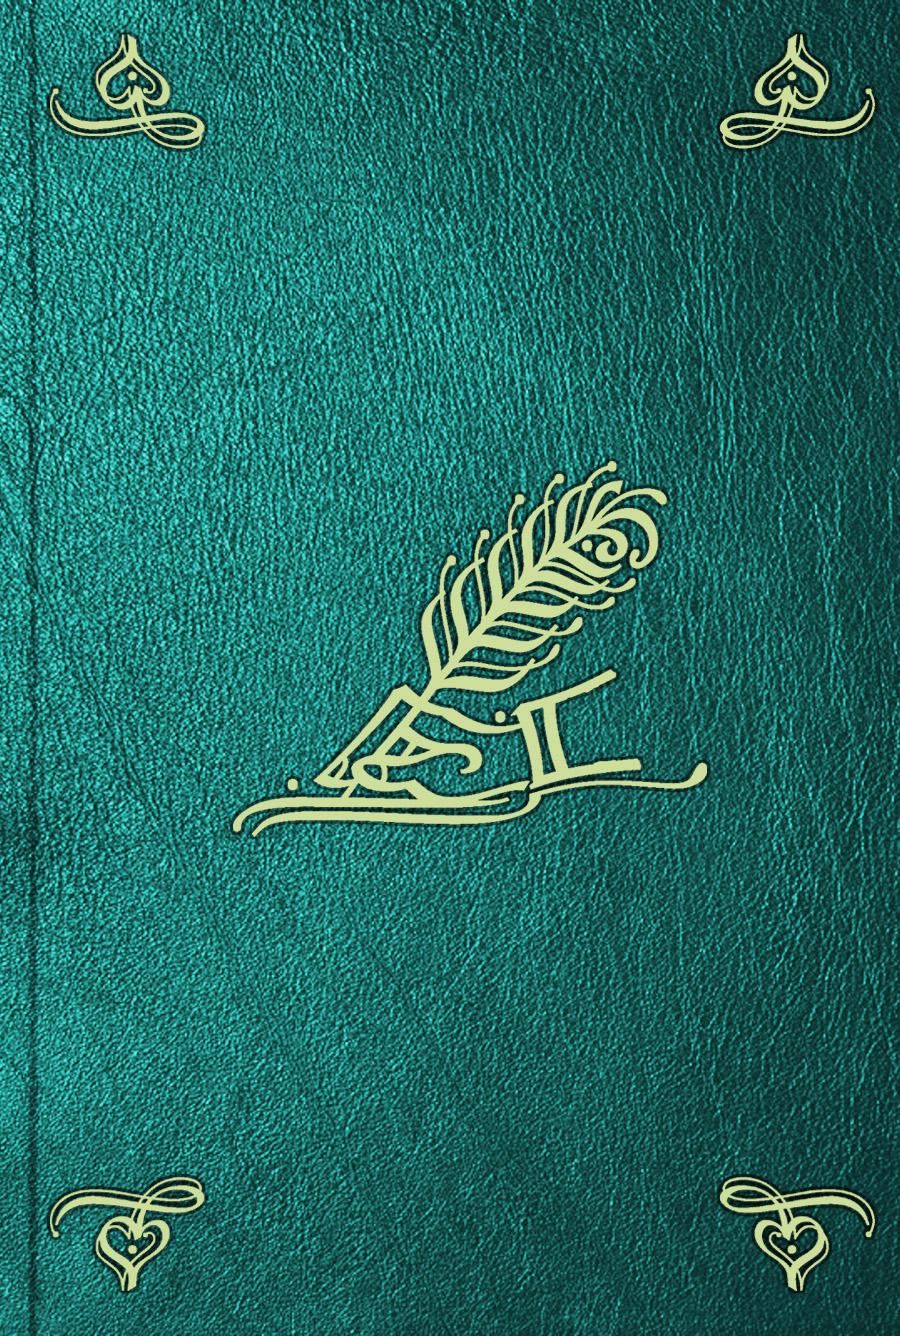 George Annesley Valentia Voyages dans l'Hindoustan, à Ceylon, sur les deux côtes de la Mer rouge, en Abyssinie et en Égypte, durant les années 1802, 1803, 1804, 1805 et 1806. T. 1 martin sauer voyage fait par ordre de l imperatrice de russie catherine ii dans le nord de la russie asiatique dans la mer glaciale dans la mer d anadyr et sur les cotes de l amerique t 1